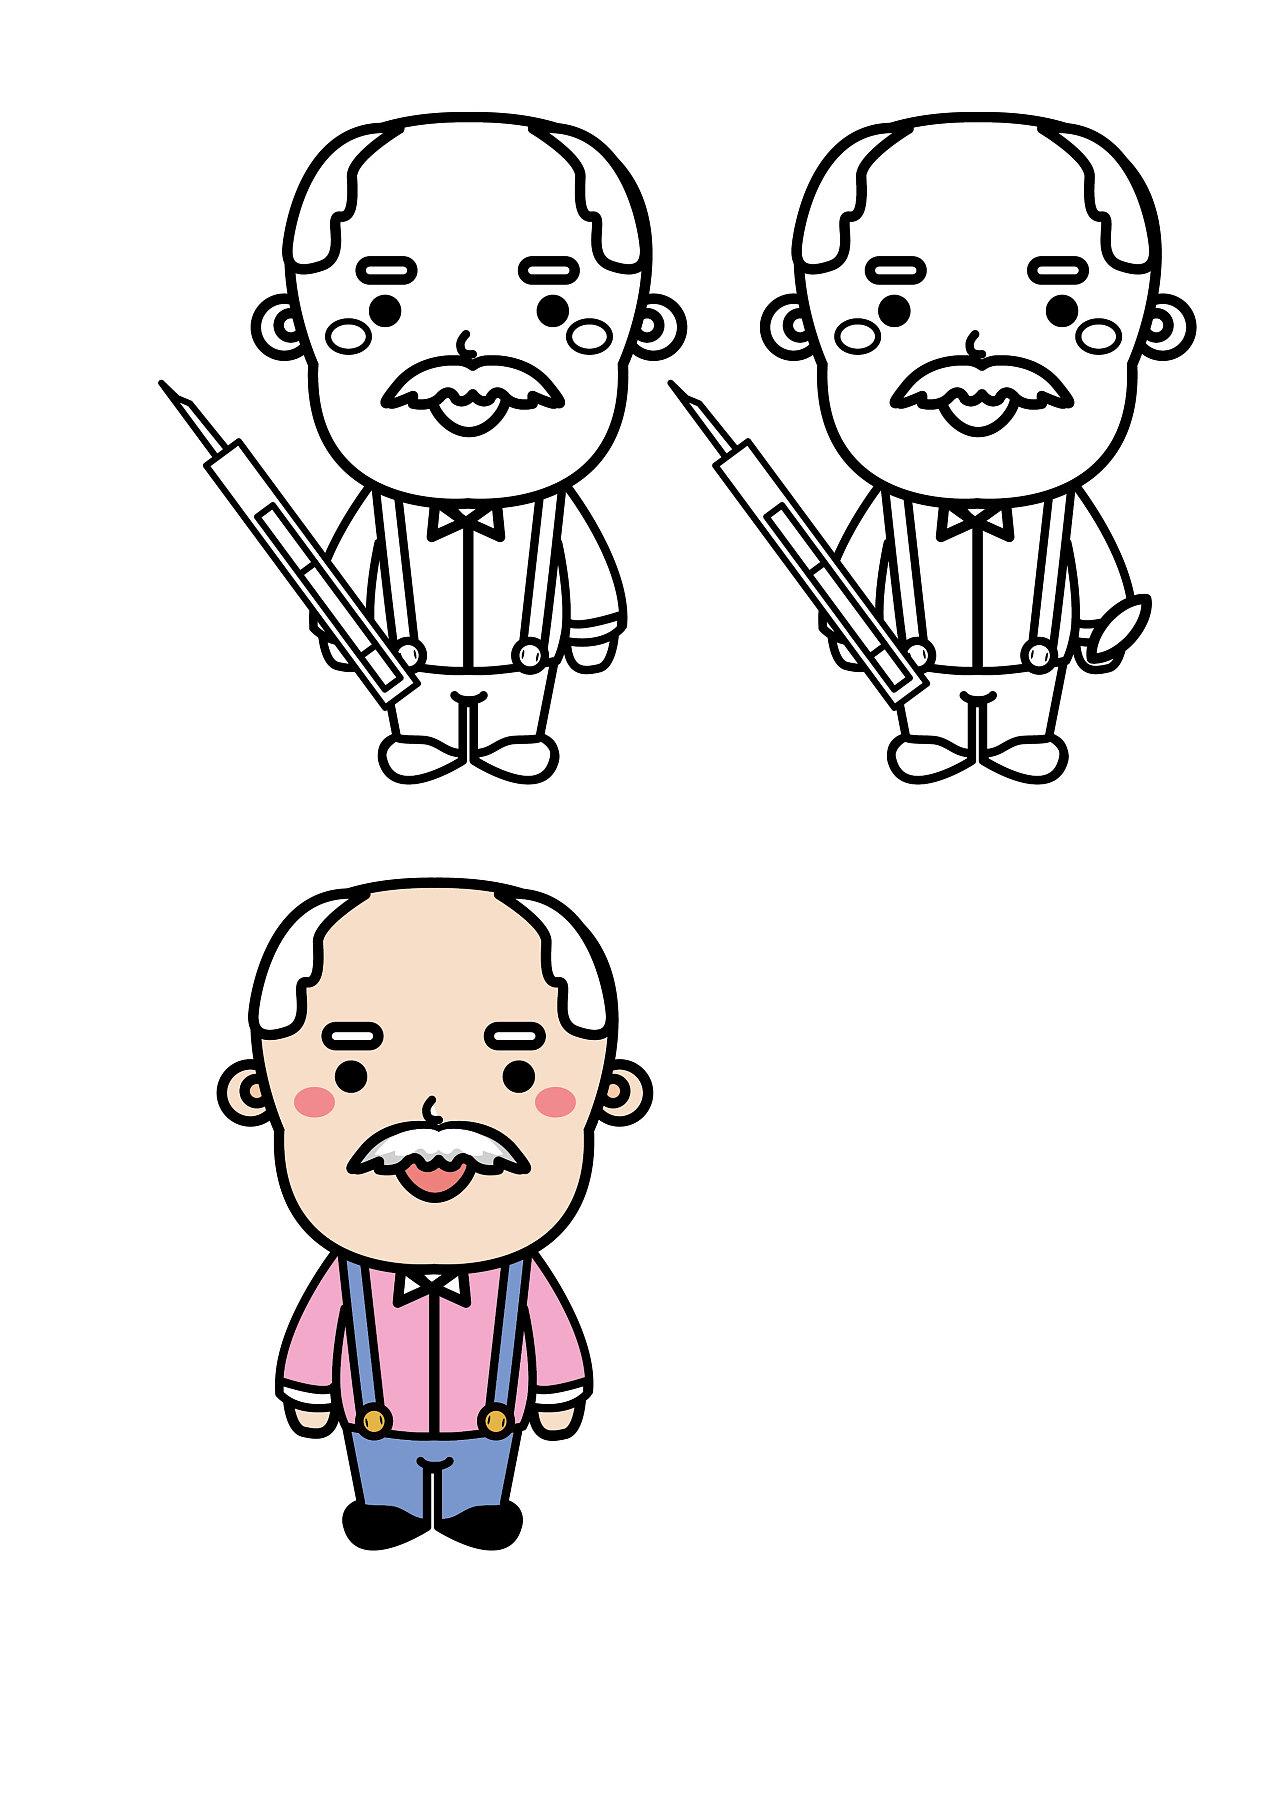 动漫 卡通 漫画 设计 矢量 矢量图 素材 头像 1280_1800 竖版 竖屏